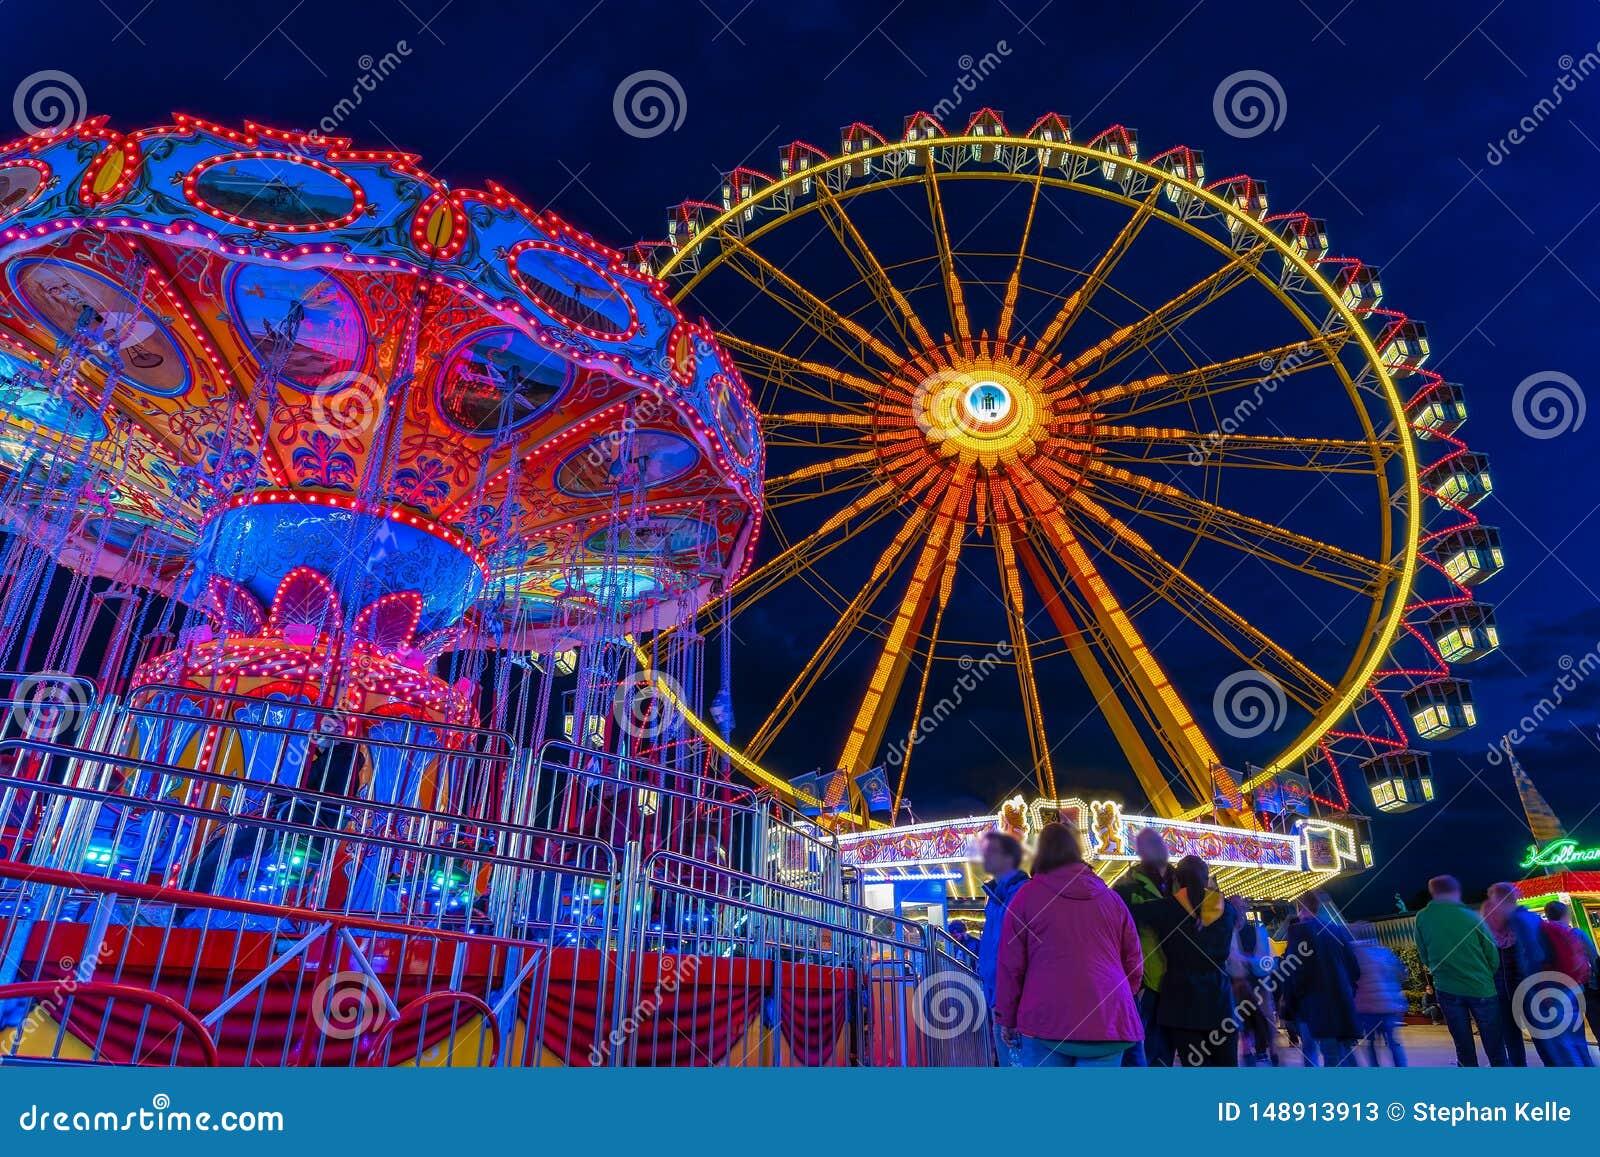 Festival de mola em Munich na hora azul com um carusel iluminado da roda e da corrente de ferris